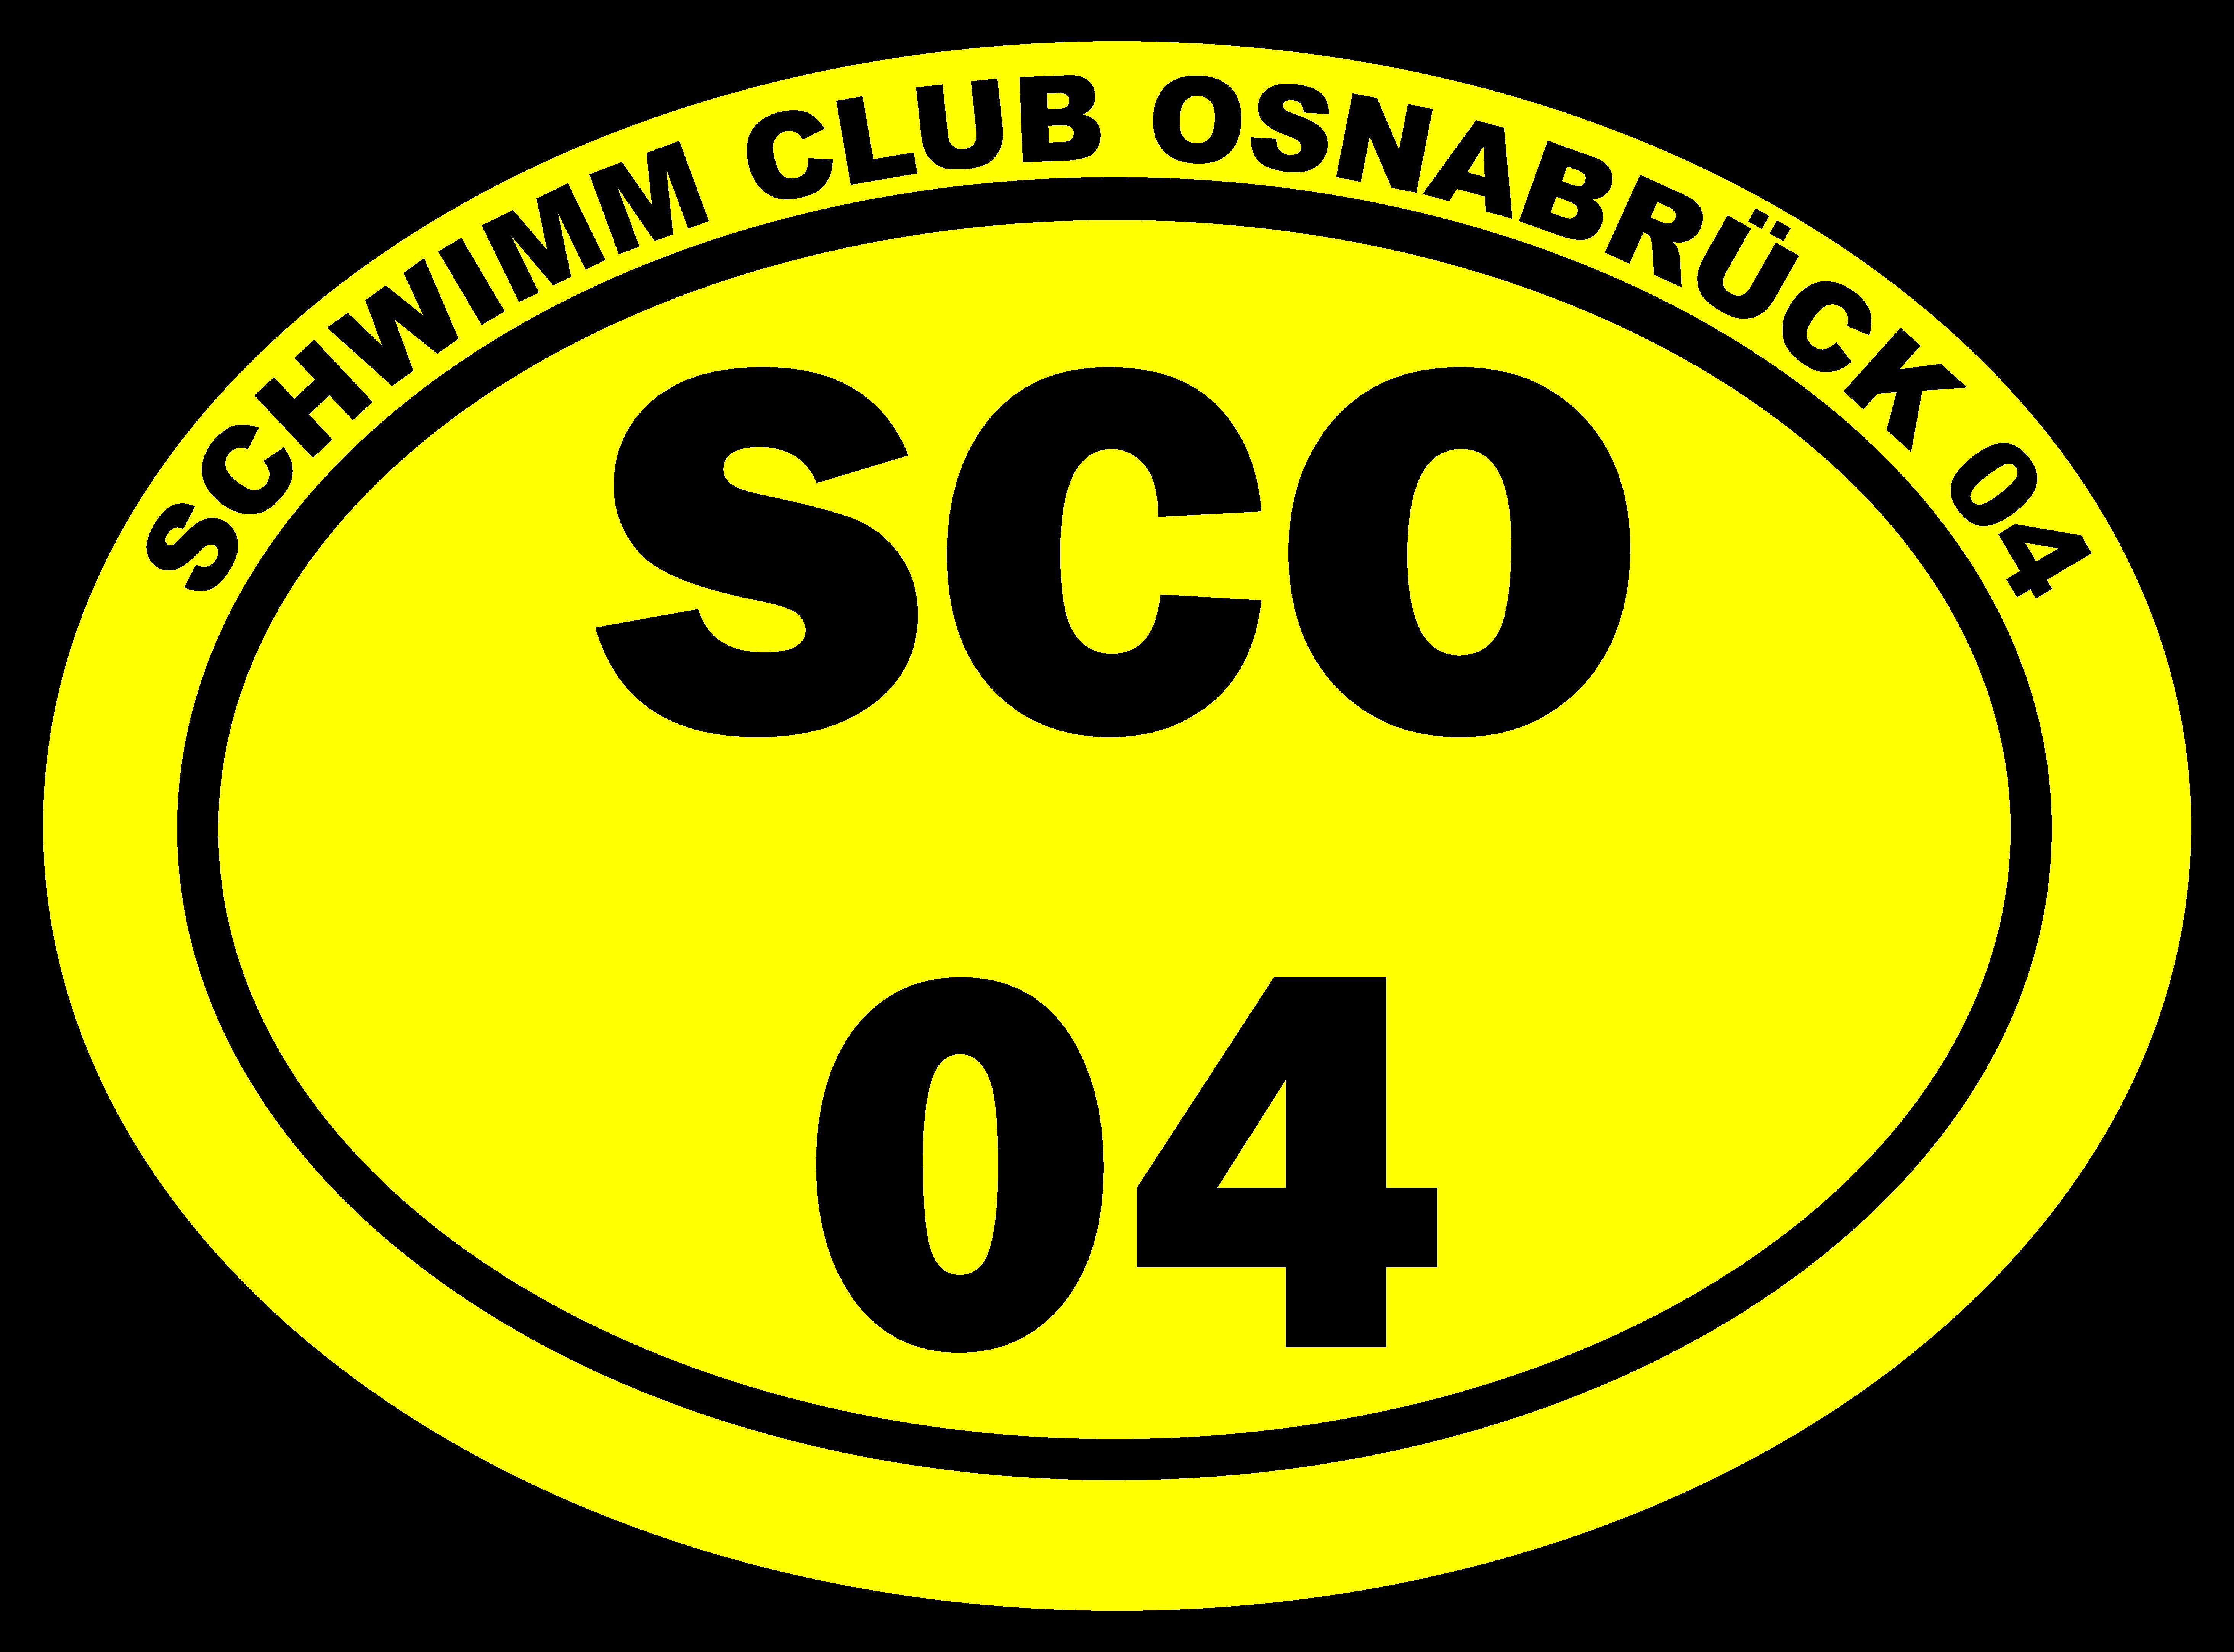 Schwimmclub Osnabrück 04 e. V.